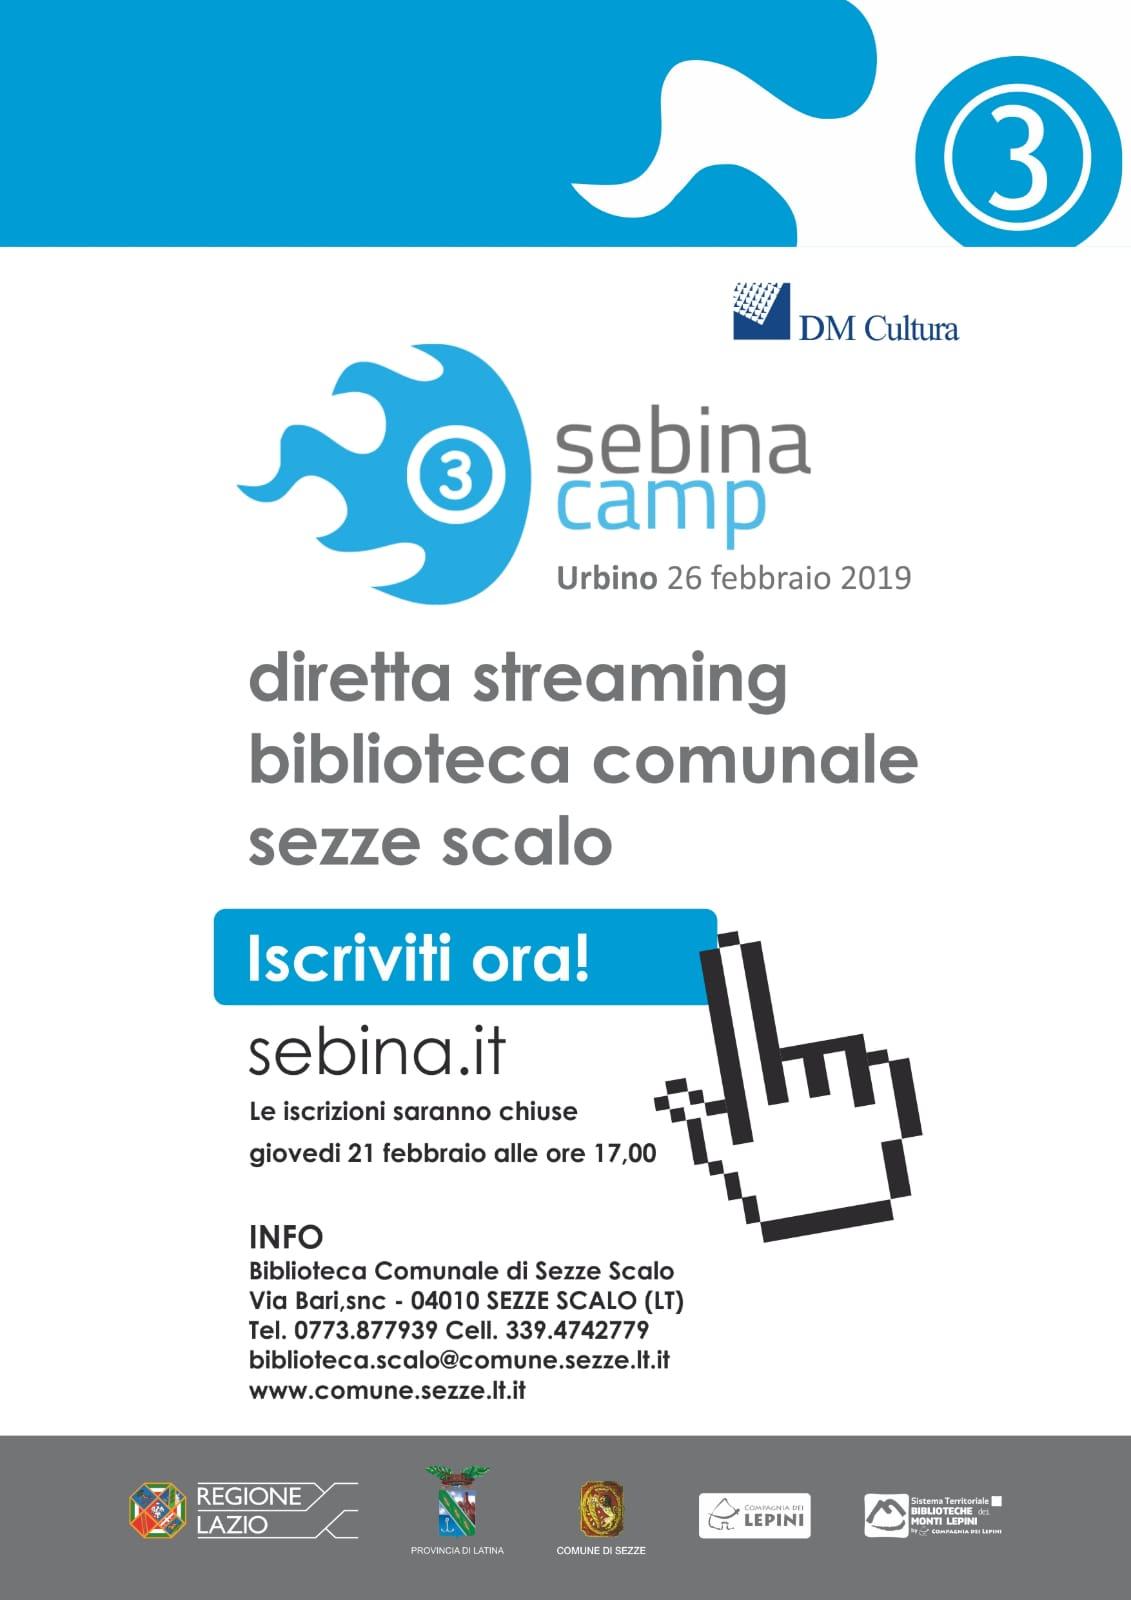 Sezze: Sebina Camp @ biblioteca comunale V. Flacco | Sezze Scalo | Lazio | Italia